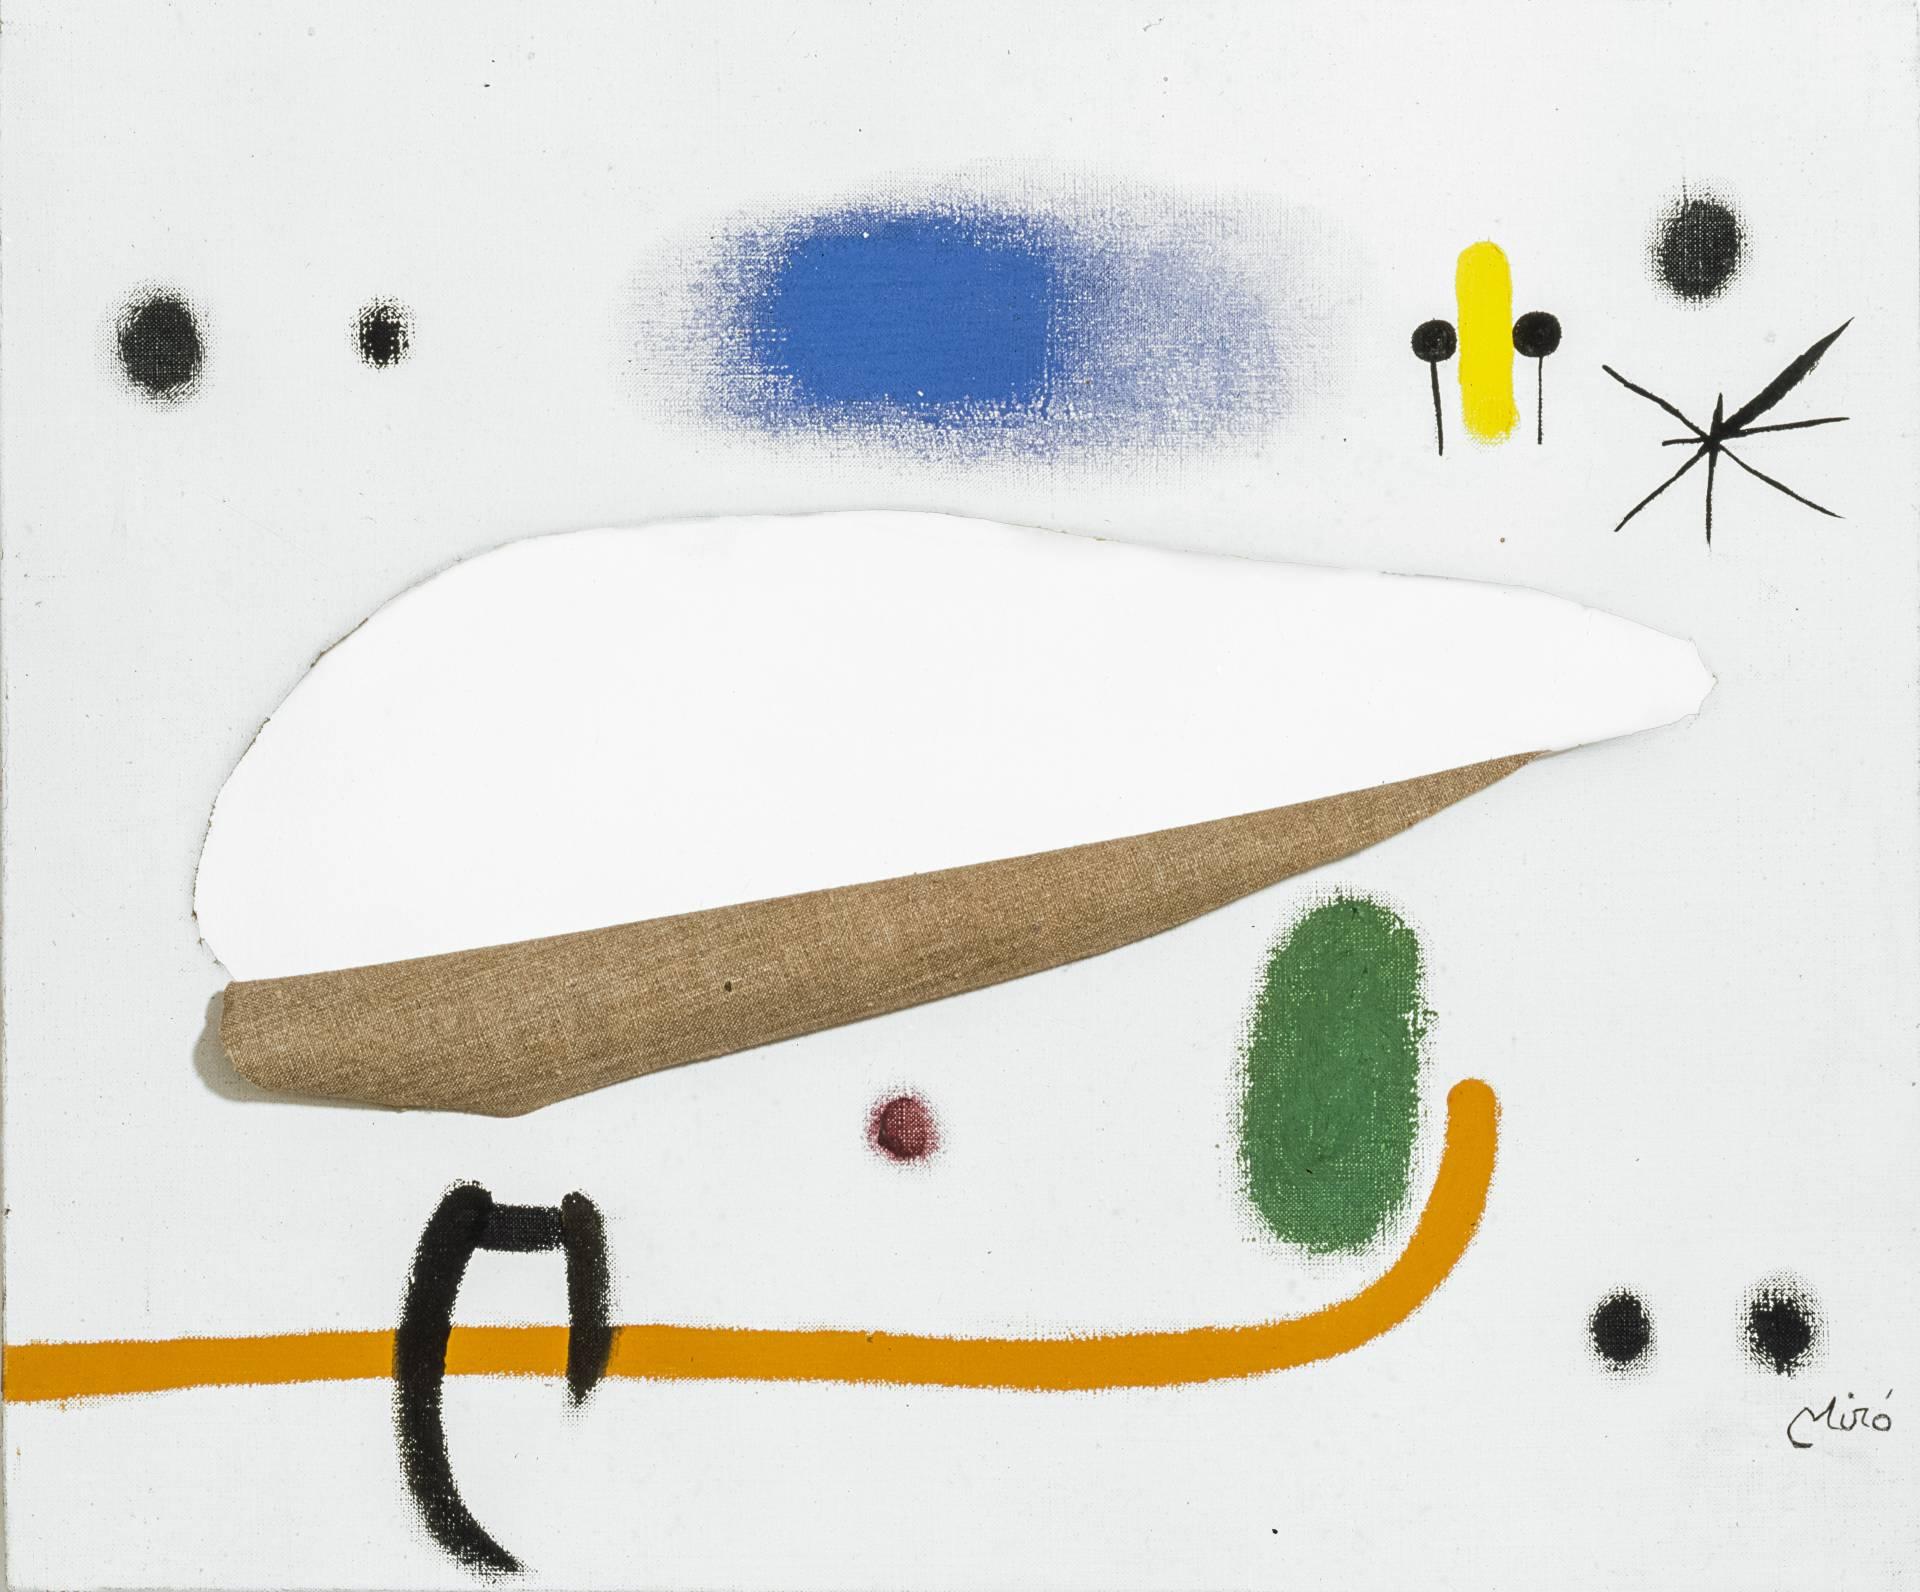 'Pintura' (1975), de Joan Miró. Acrílico sobre tela cortada.